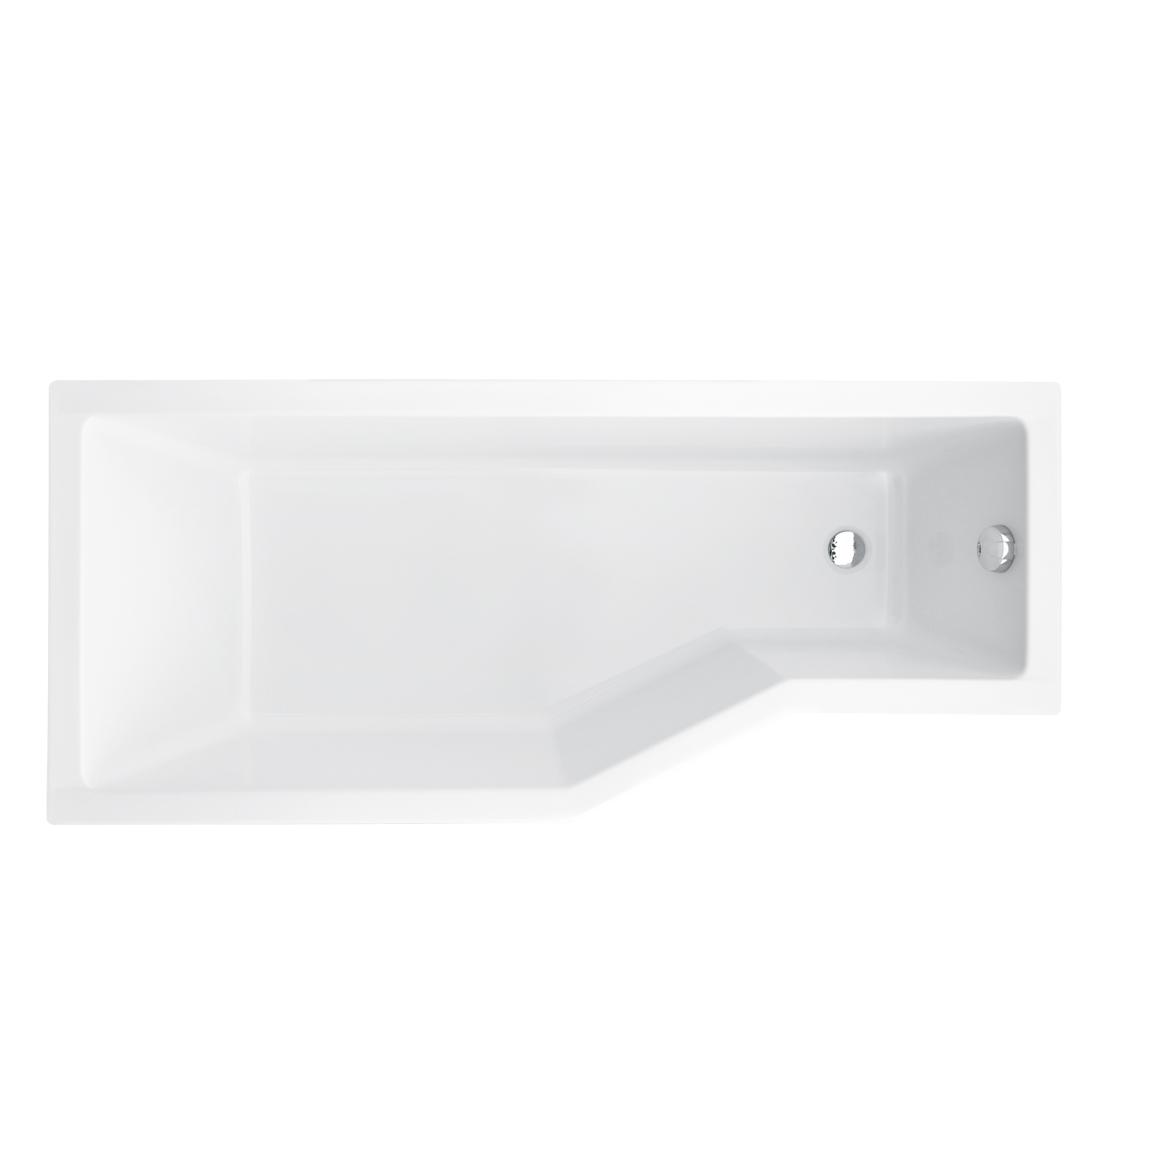 Акриловая ванна Besco Integra 150x75 L акриловая ванна besco bianka 150x95 l